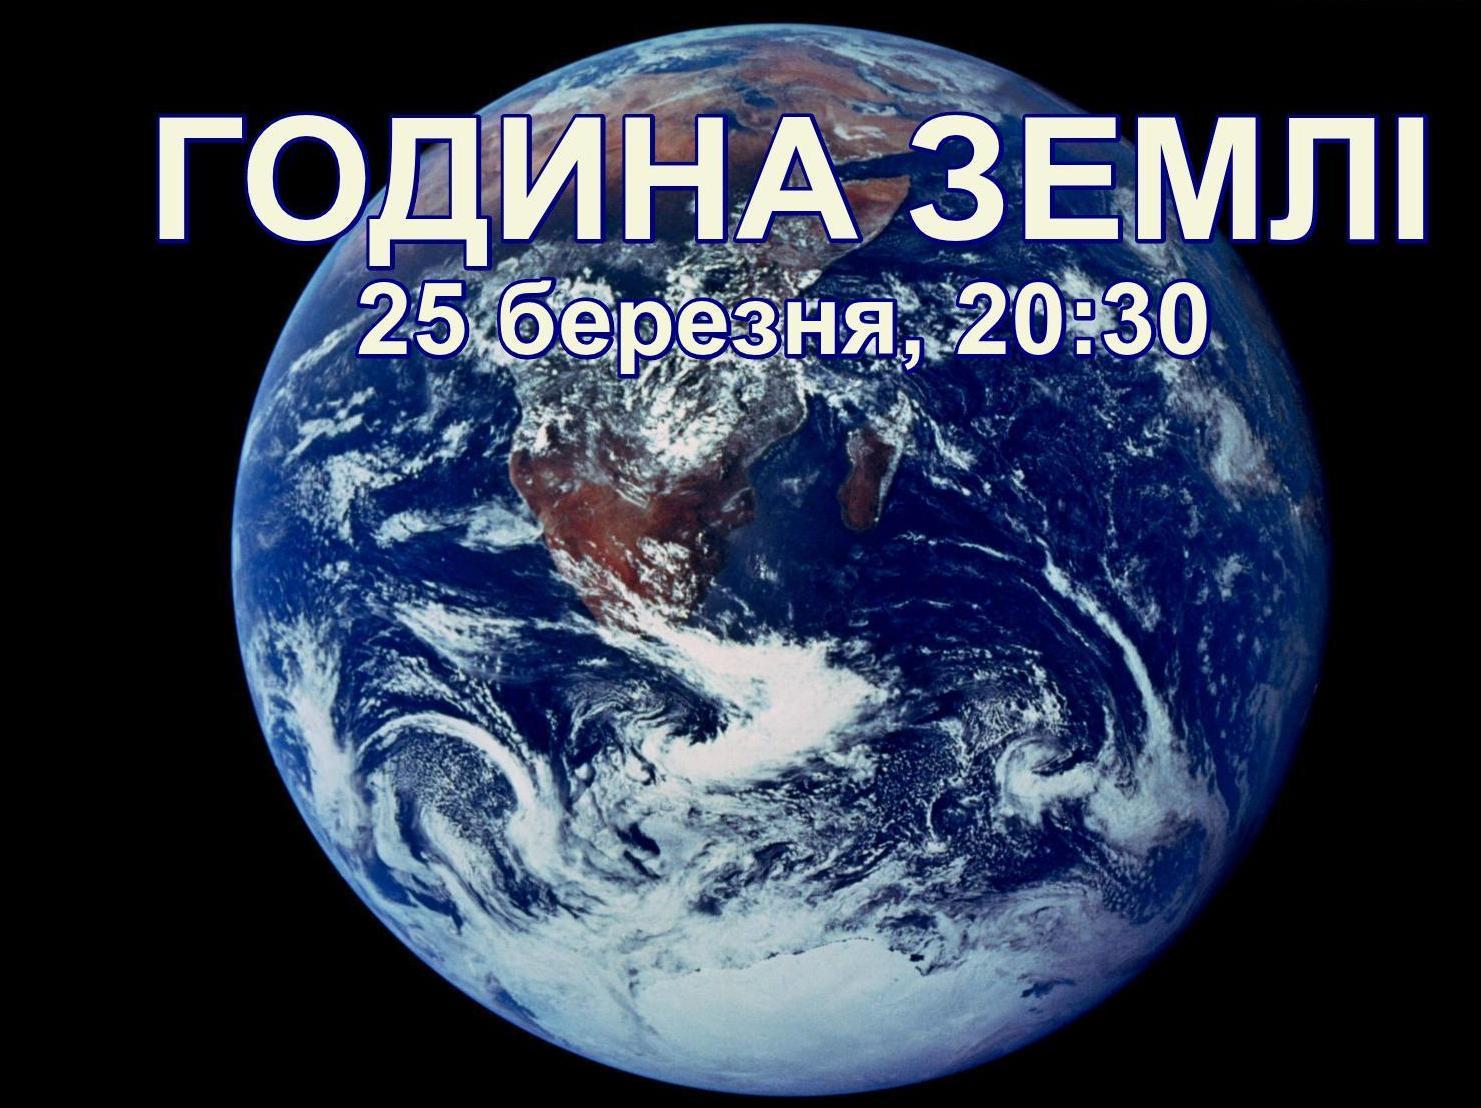 О 20.30 люди по всьому світу вимкнуть світло на одну годину – Годину Землі, щоб показати необхідність об'єднаних дій для збереження природи нашої планети.